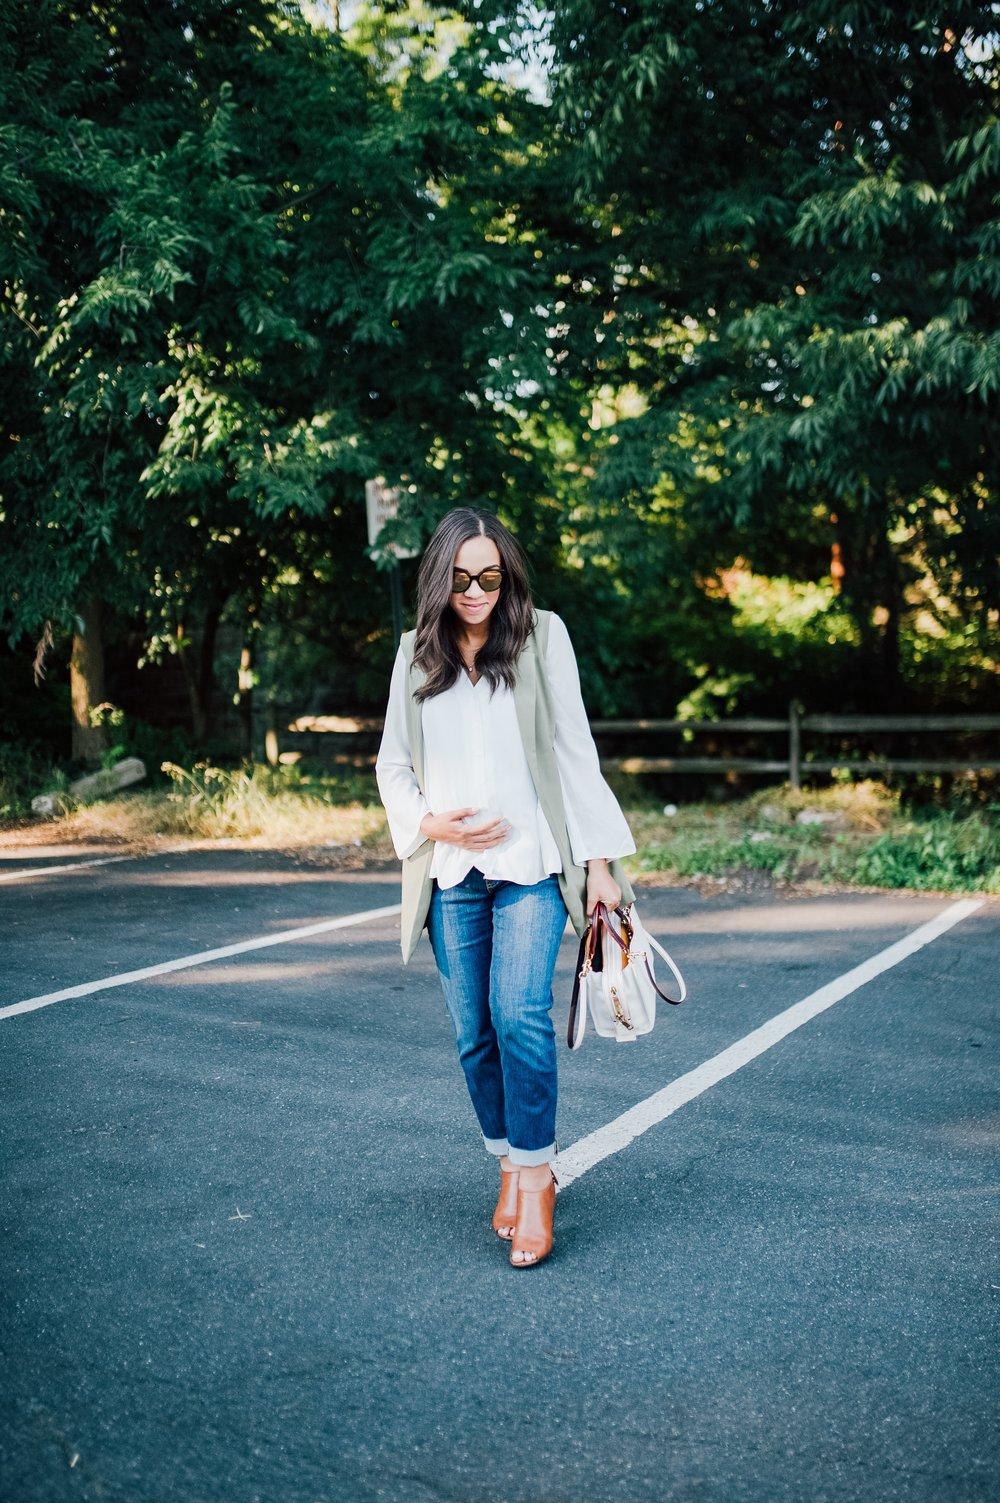 4efe7862c94 5 Maternity Fashion Rules You Should Break — Alexandria haddad